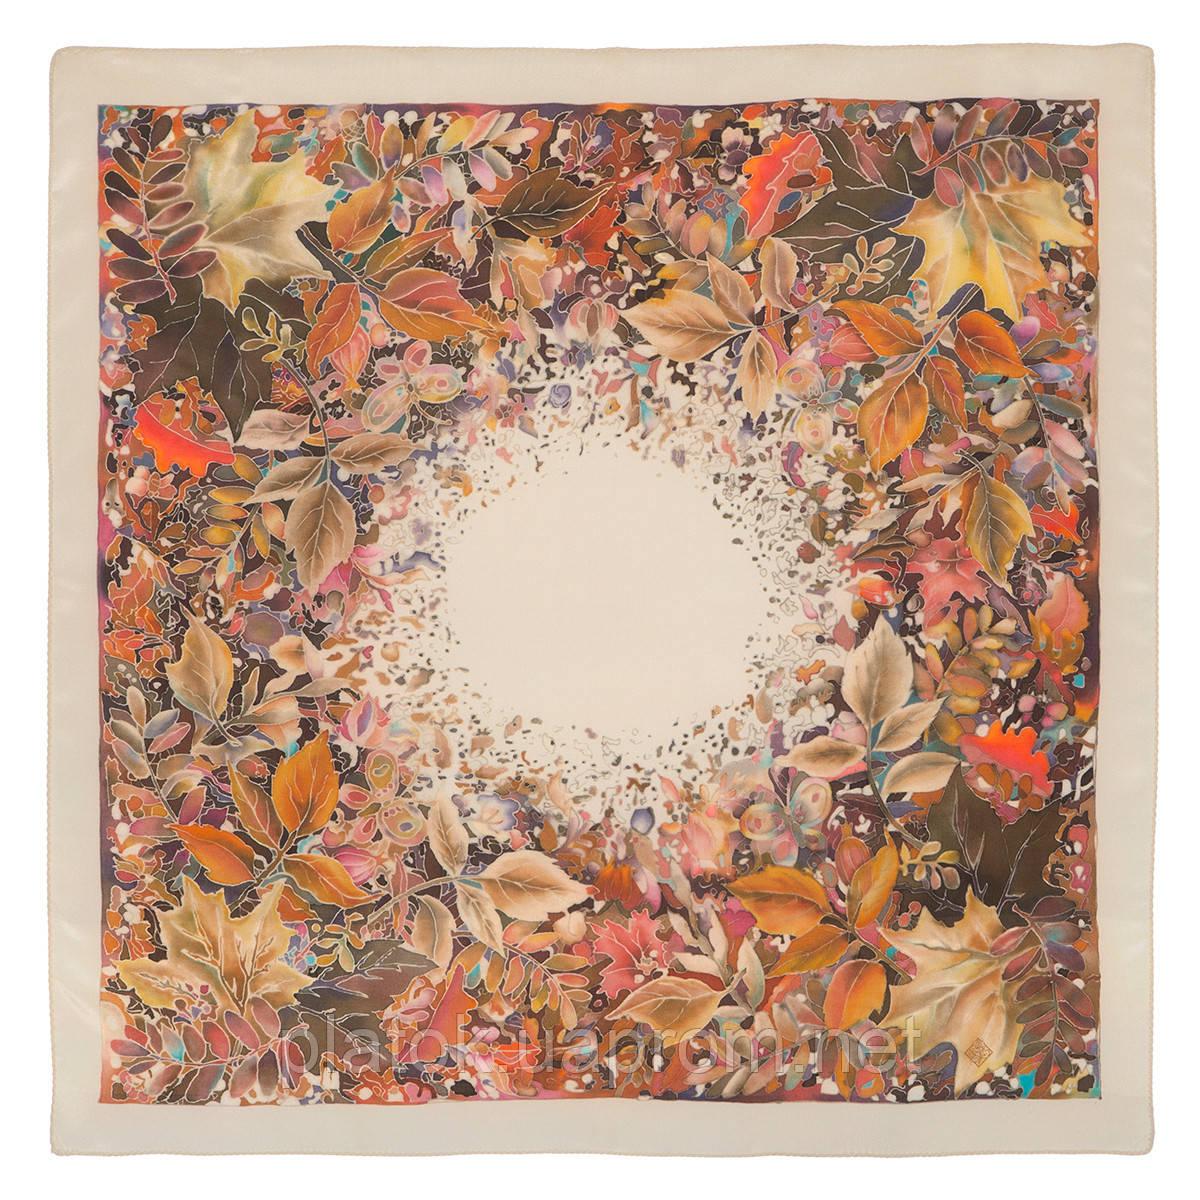 Осенний мотив 10293-2, павлопосадский шейный платок (крепдешин) шелковый с подрубкой